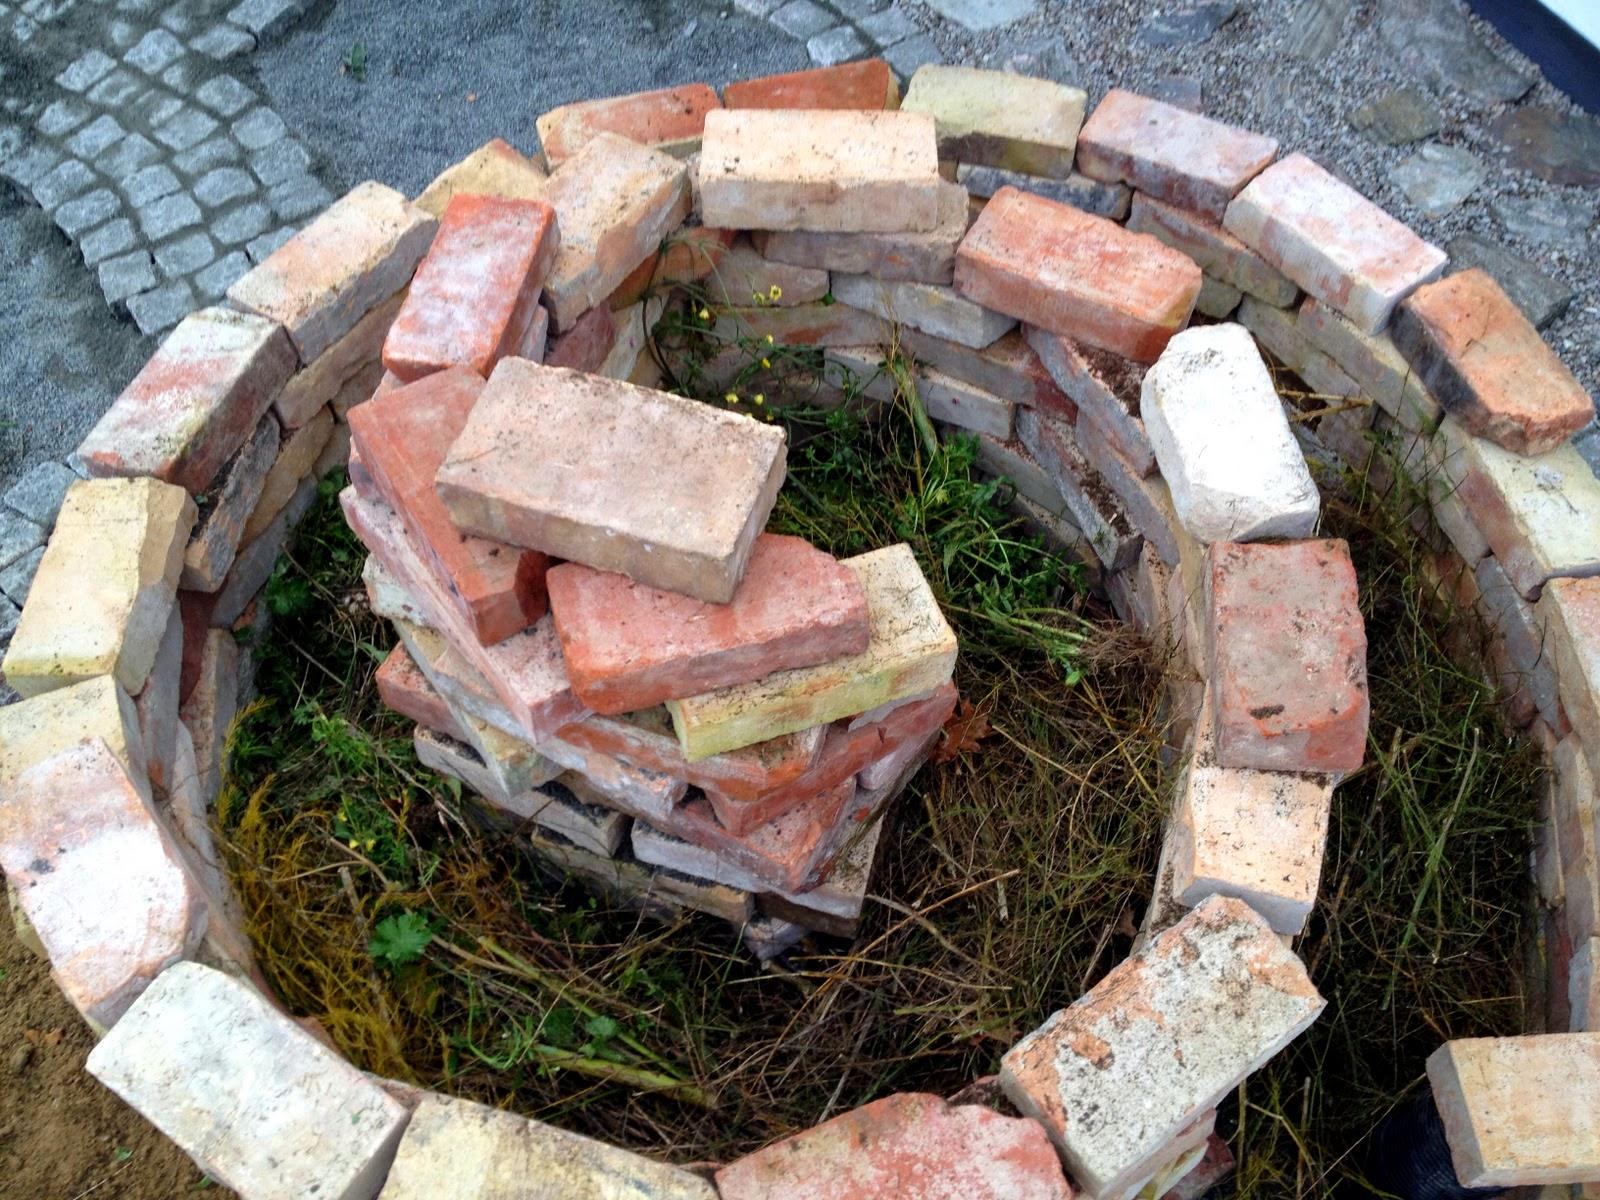 Villa Natura ekologiskt lågenergihus Österlen projektledare kryddspiral örtsnäcka keyhole gardening